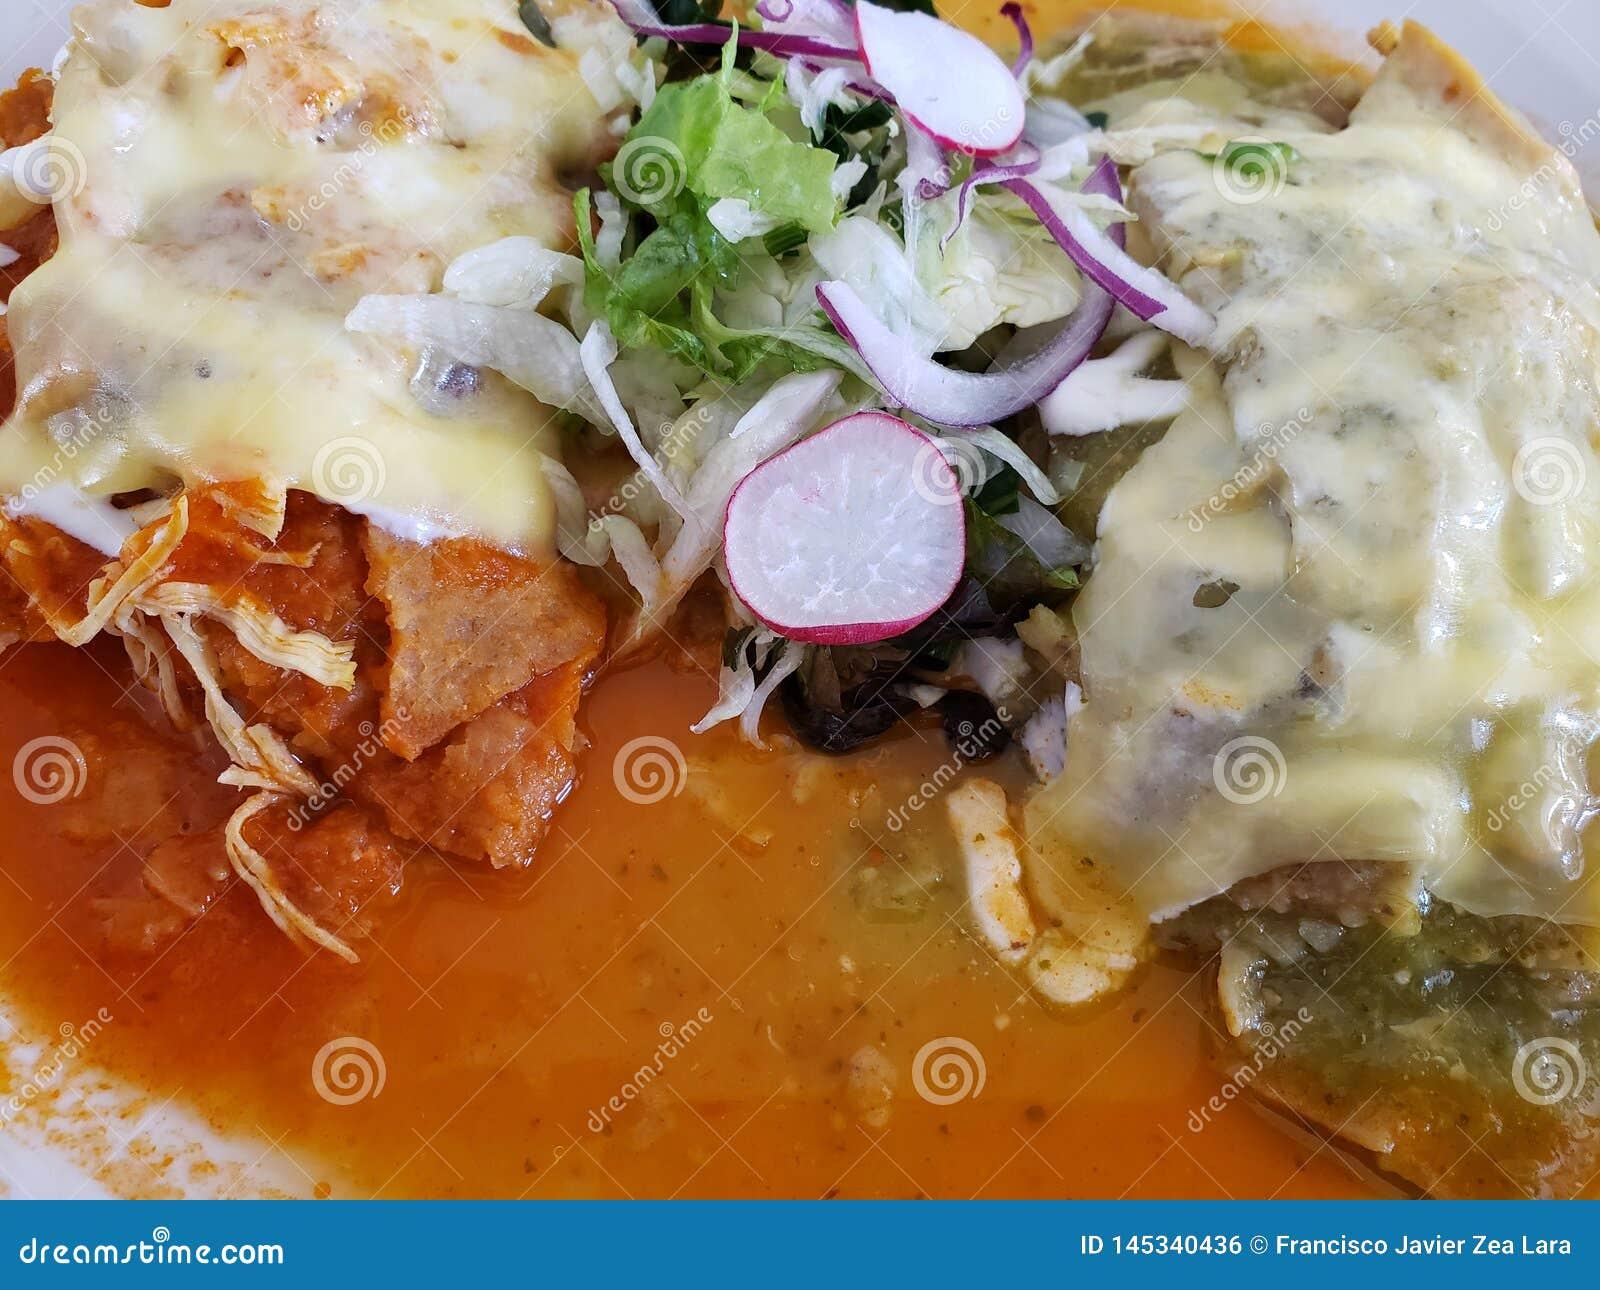 Plat des chilaquiles avec des l?gumes en sauce rouge et verte, nourriture mexicaine traditionnelle